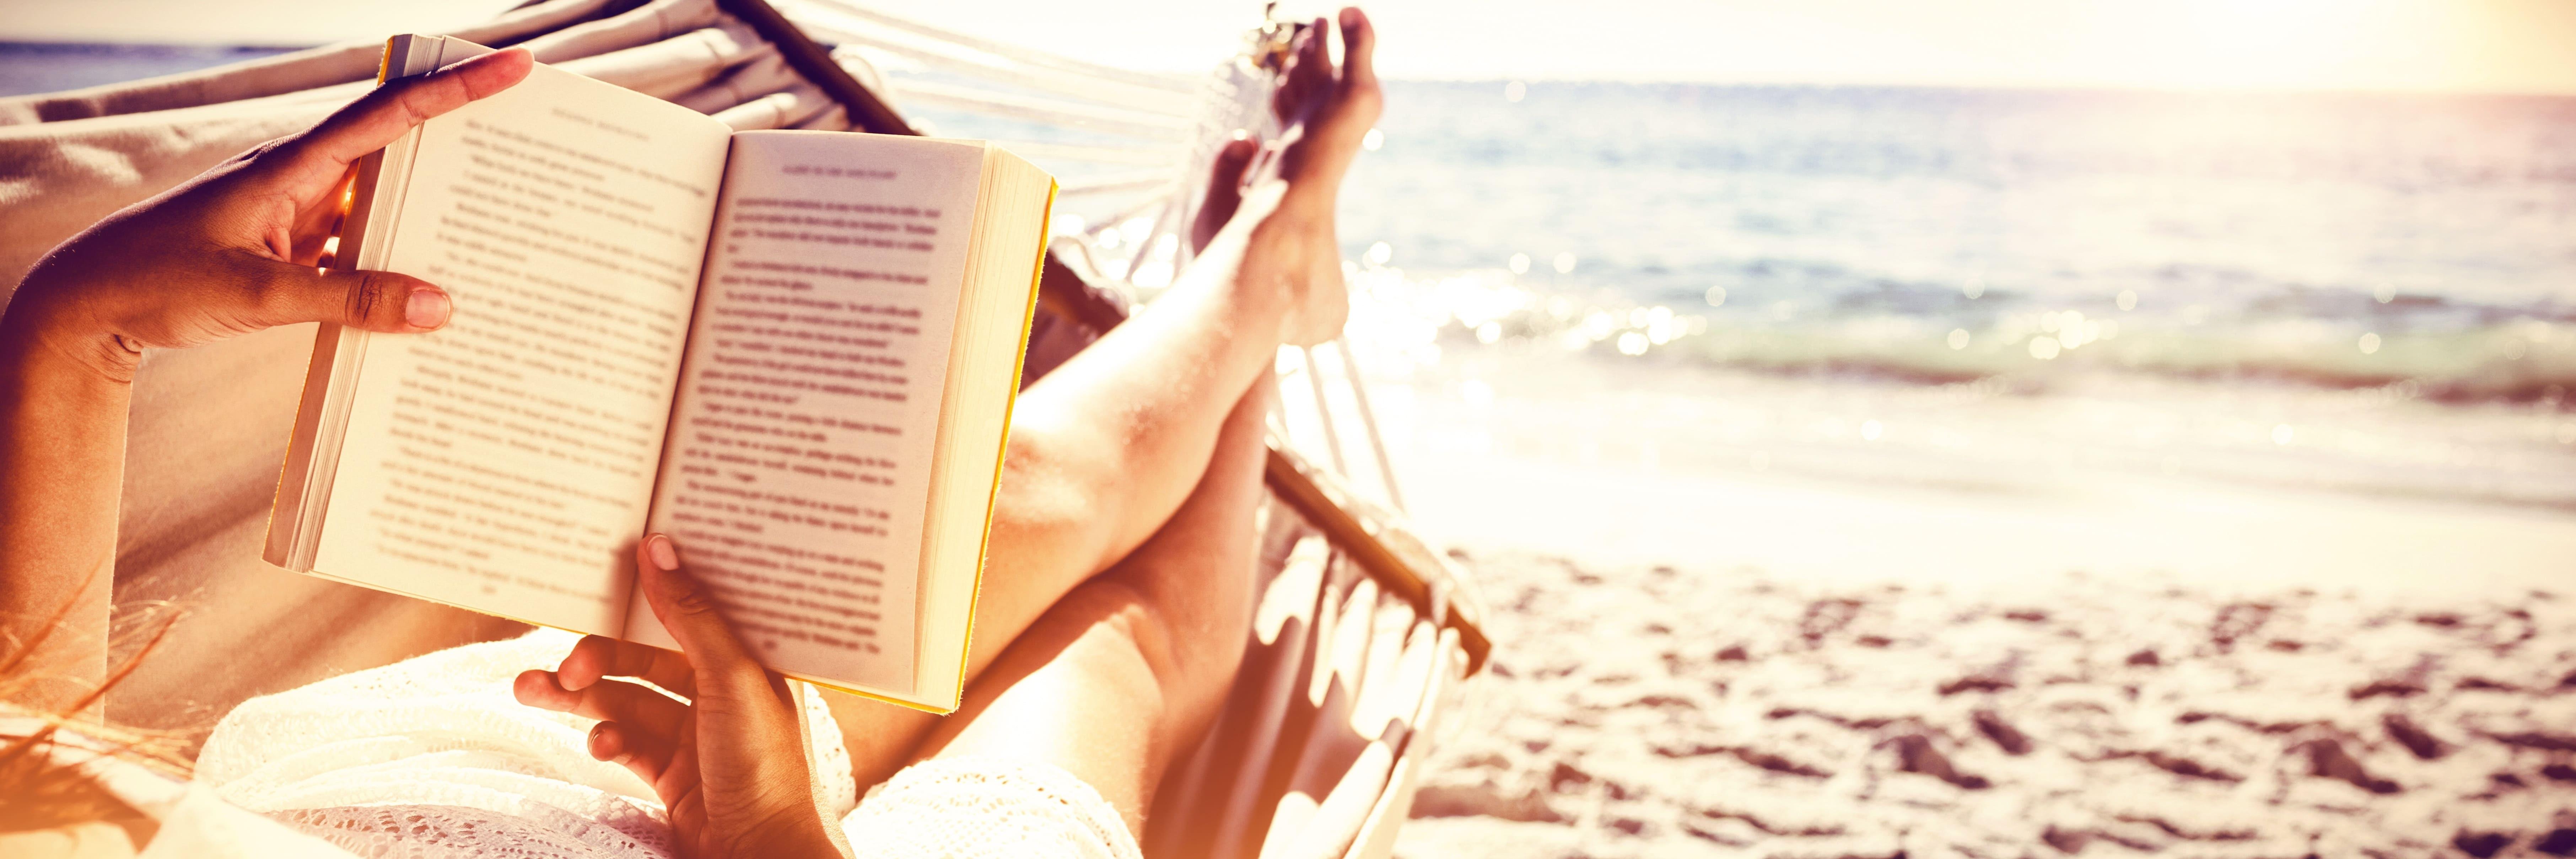 6 livros para mudar a sua vida para melhor que tem de ler este verão